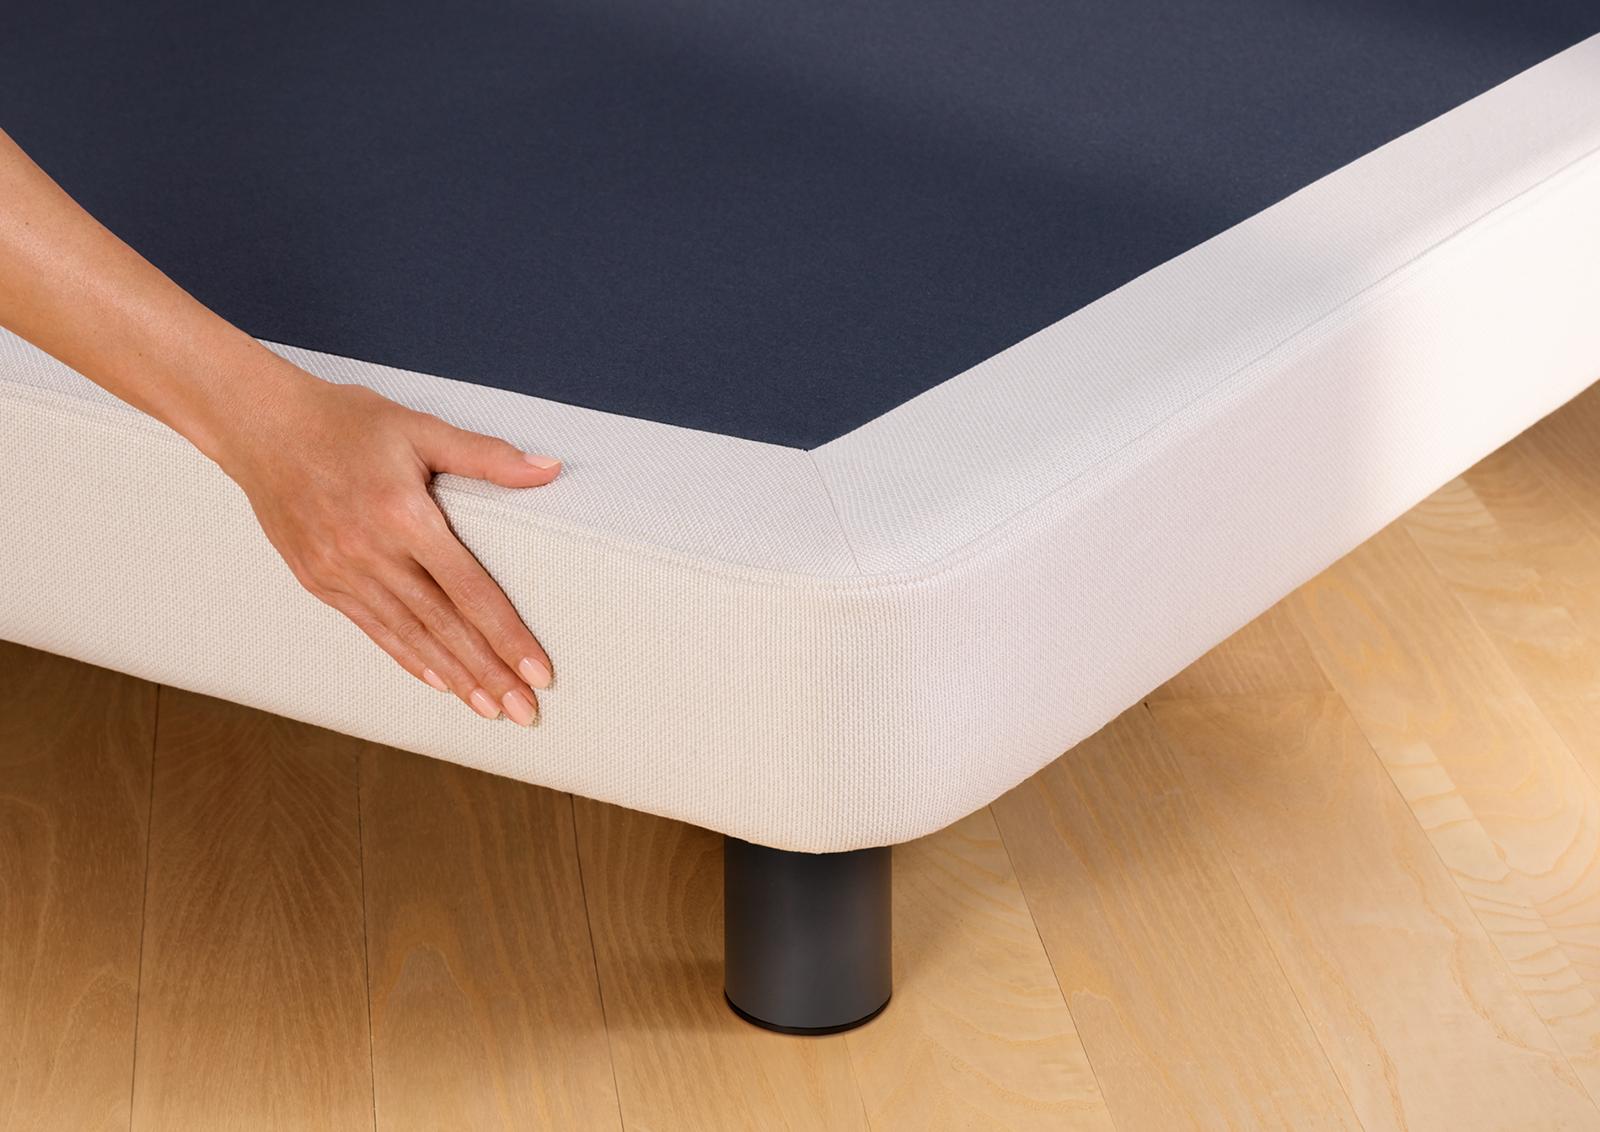 Upholstered Bed Frame King, Queen, & Full Casper® in